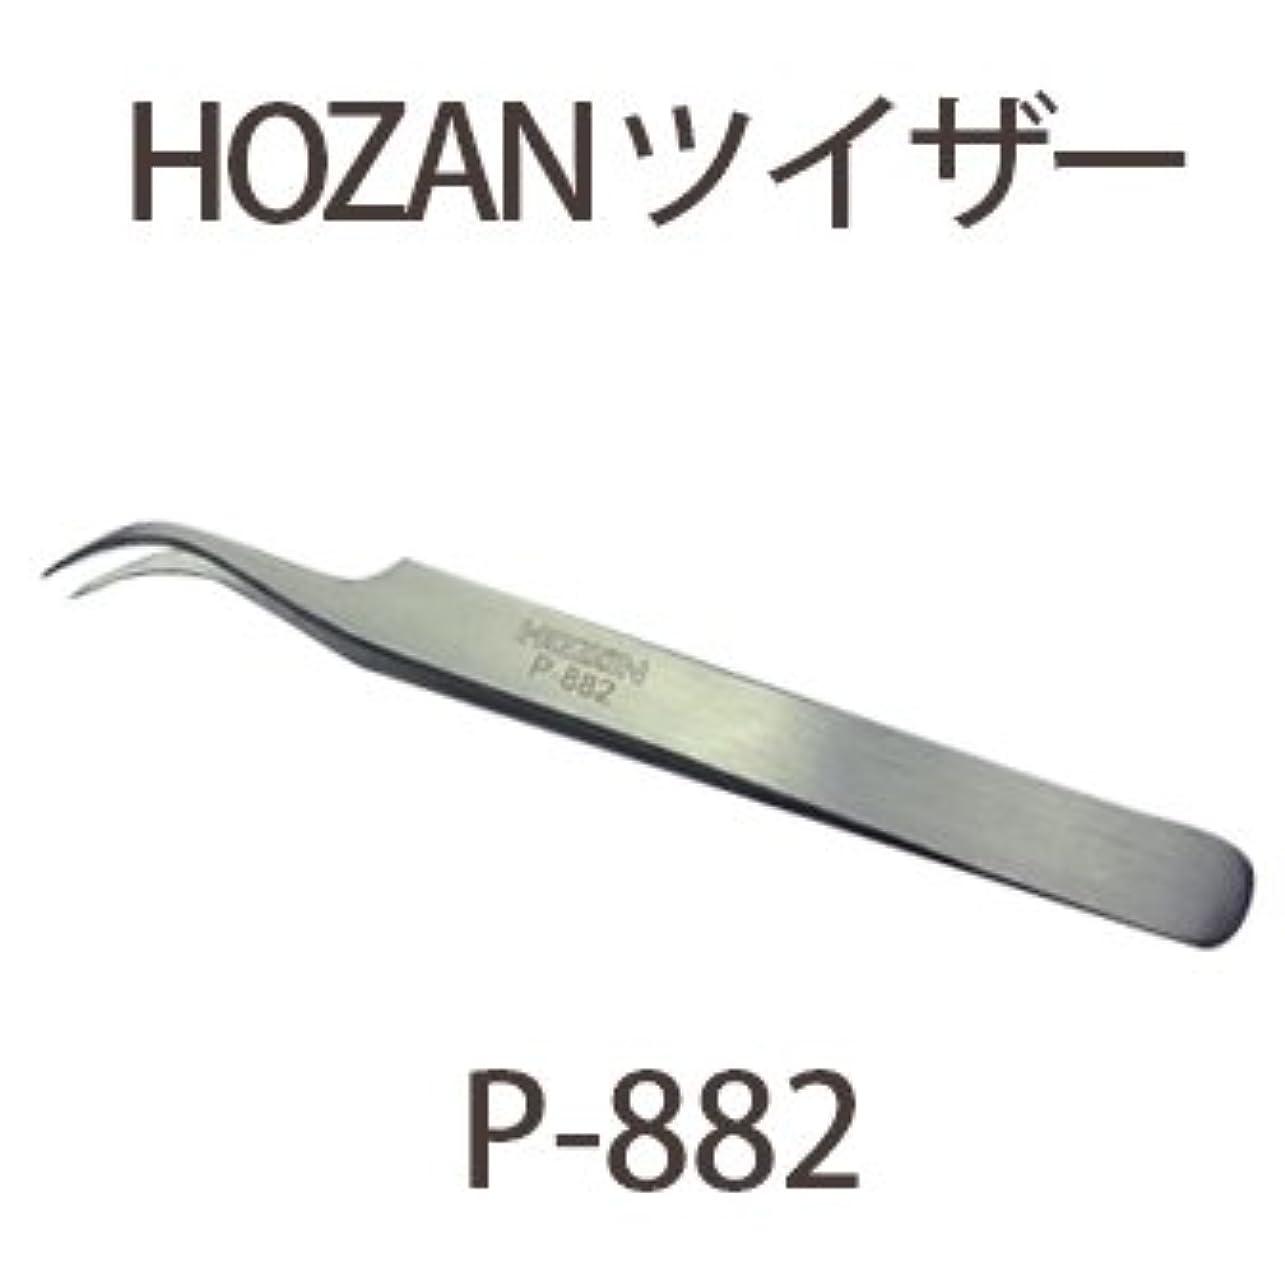 パリティビュッフェポケットツイザー まつ毛エクステ用 (P-882 鷲口カーブ)